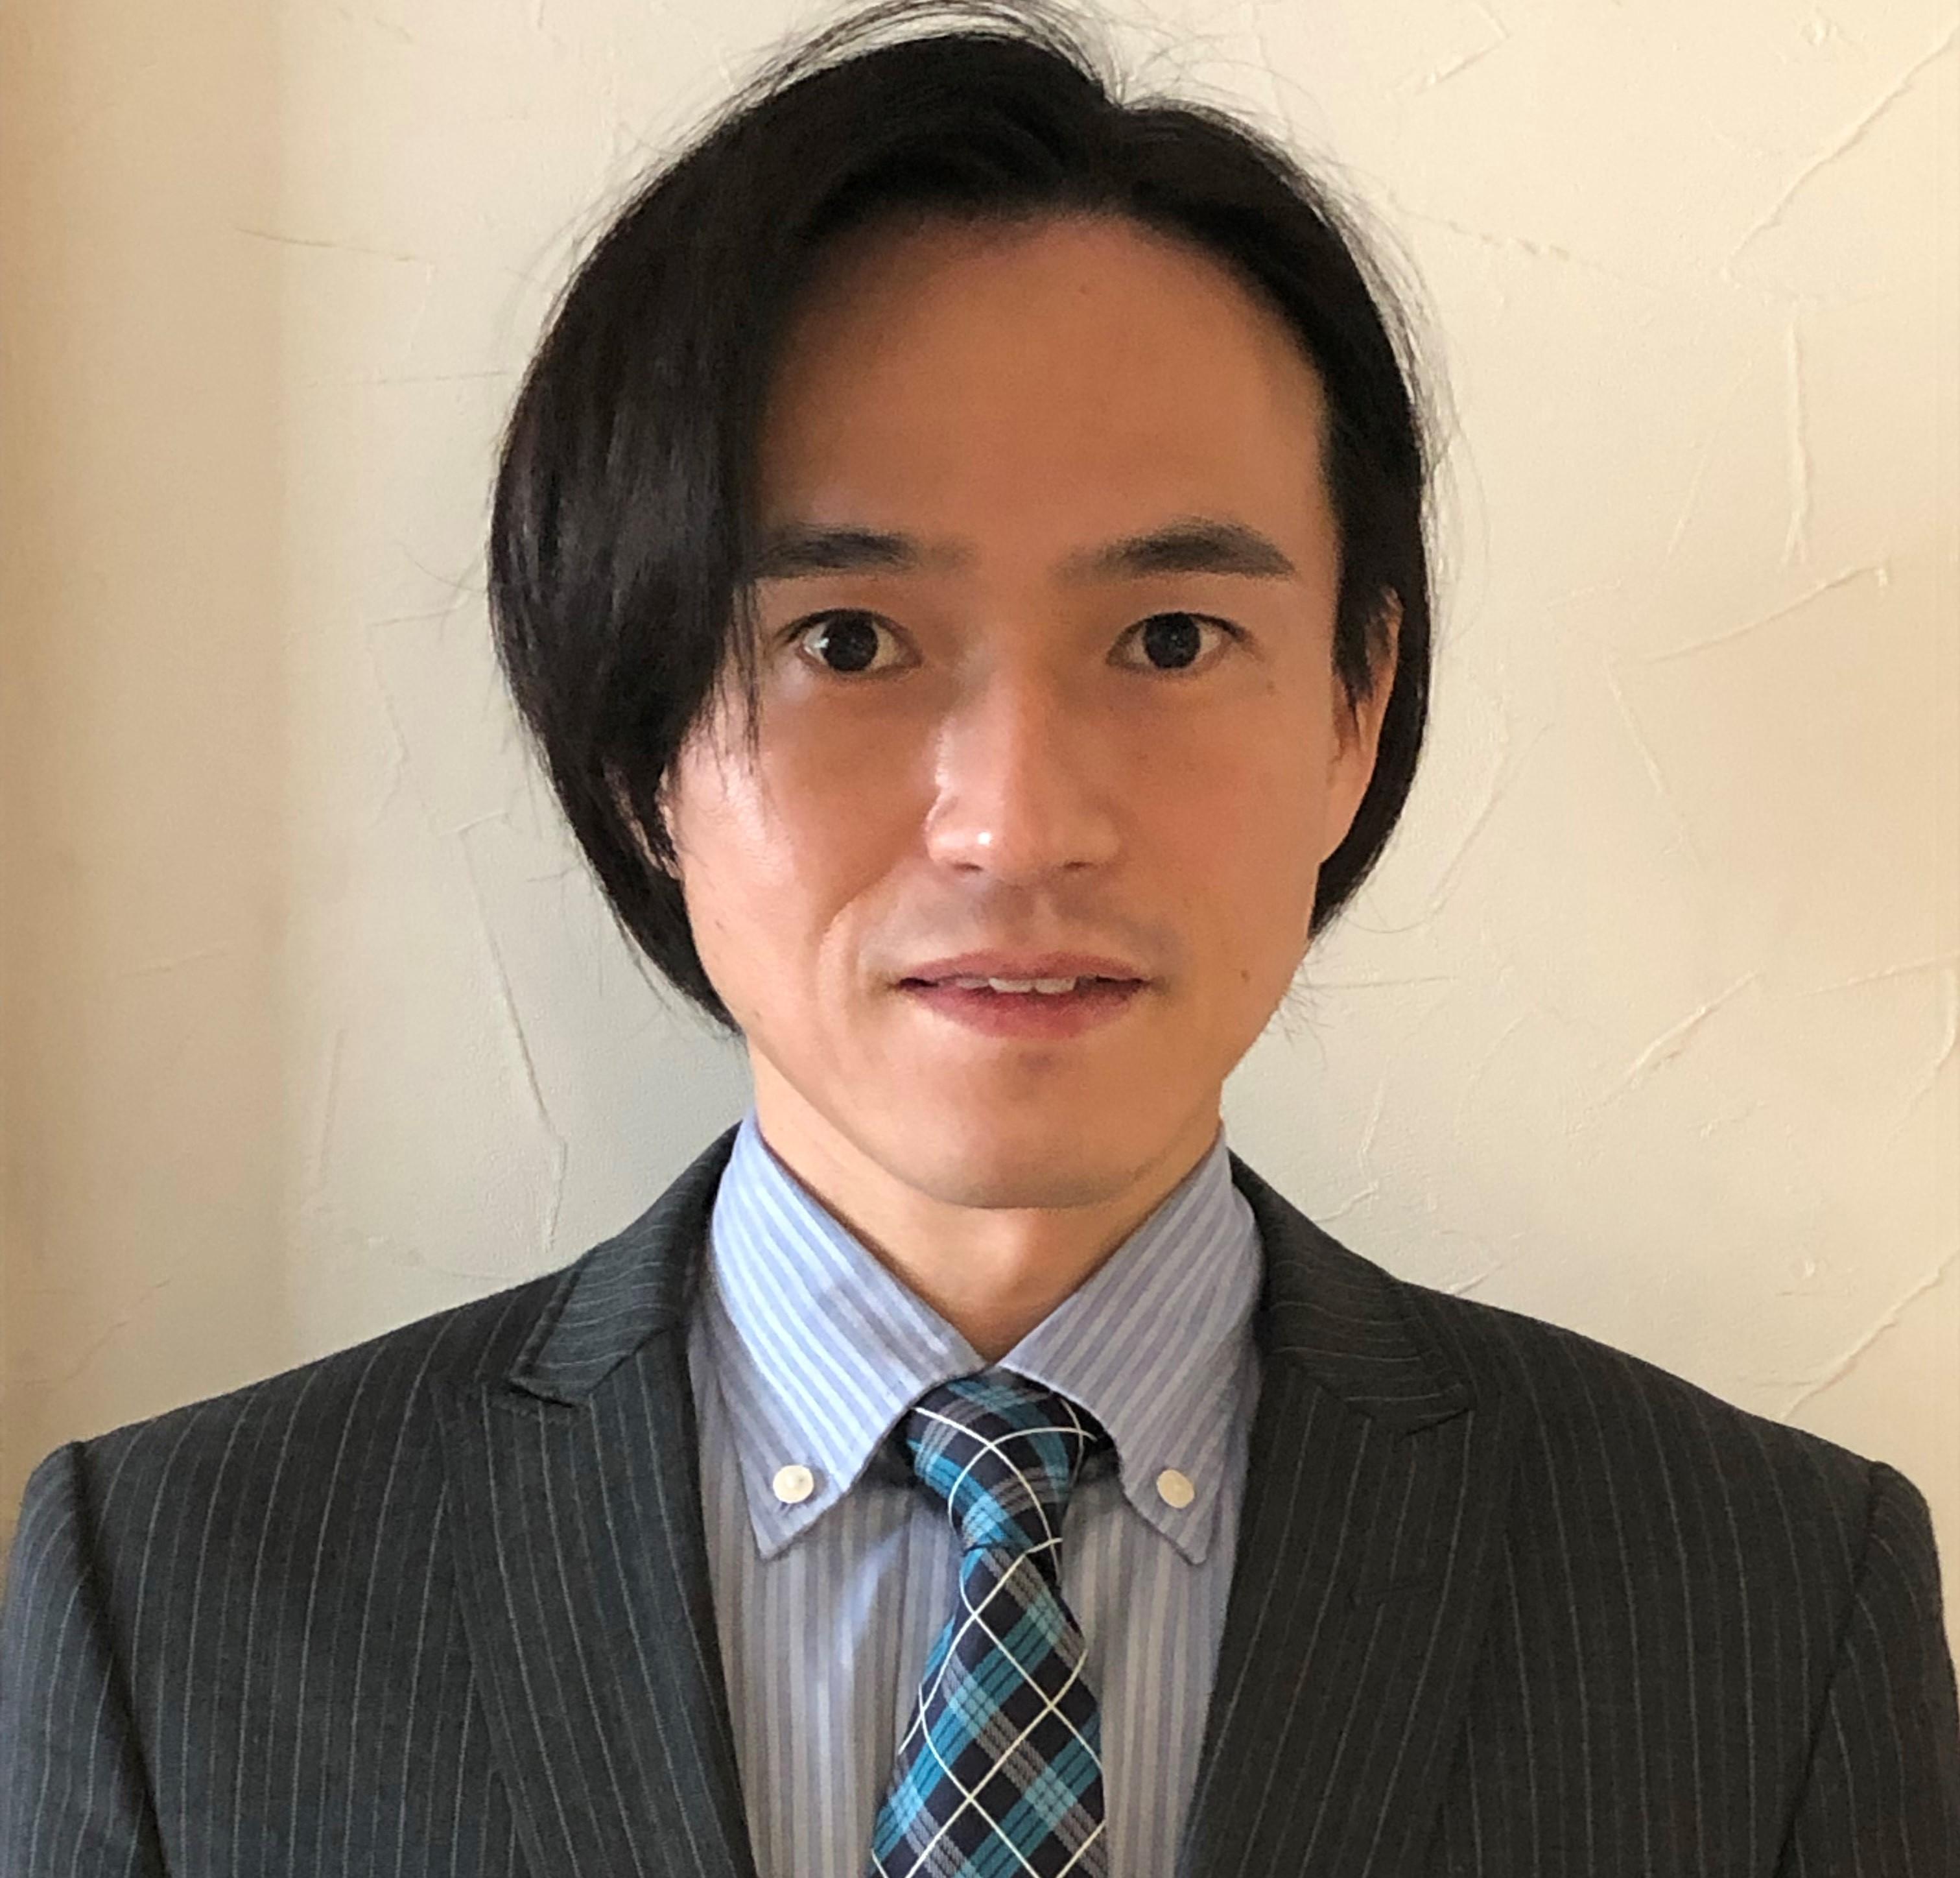 株式会社 ホワイトマルベリーホーム 代表取締役 桒野 義久氏